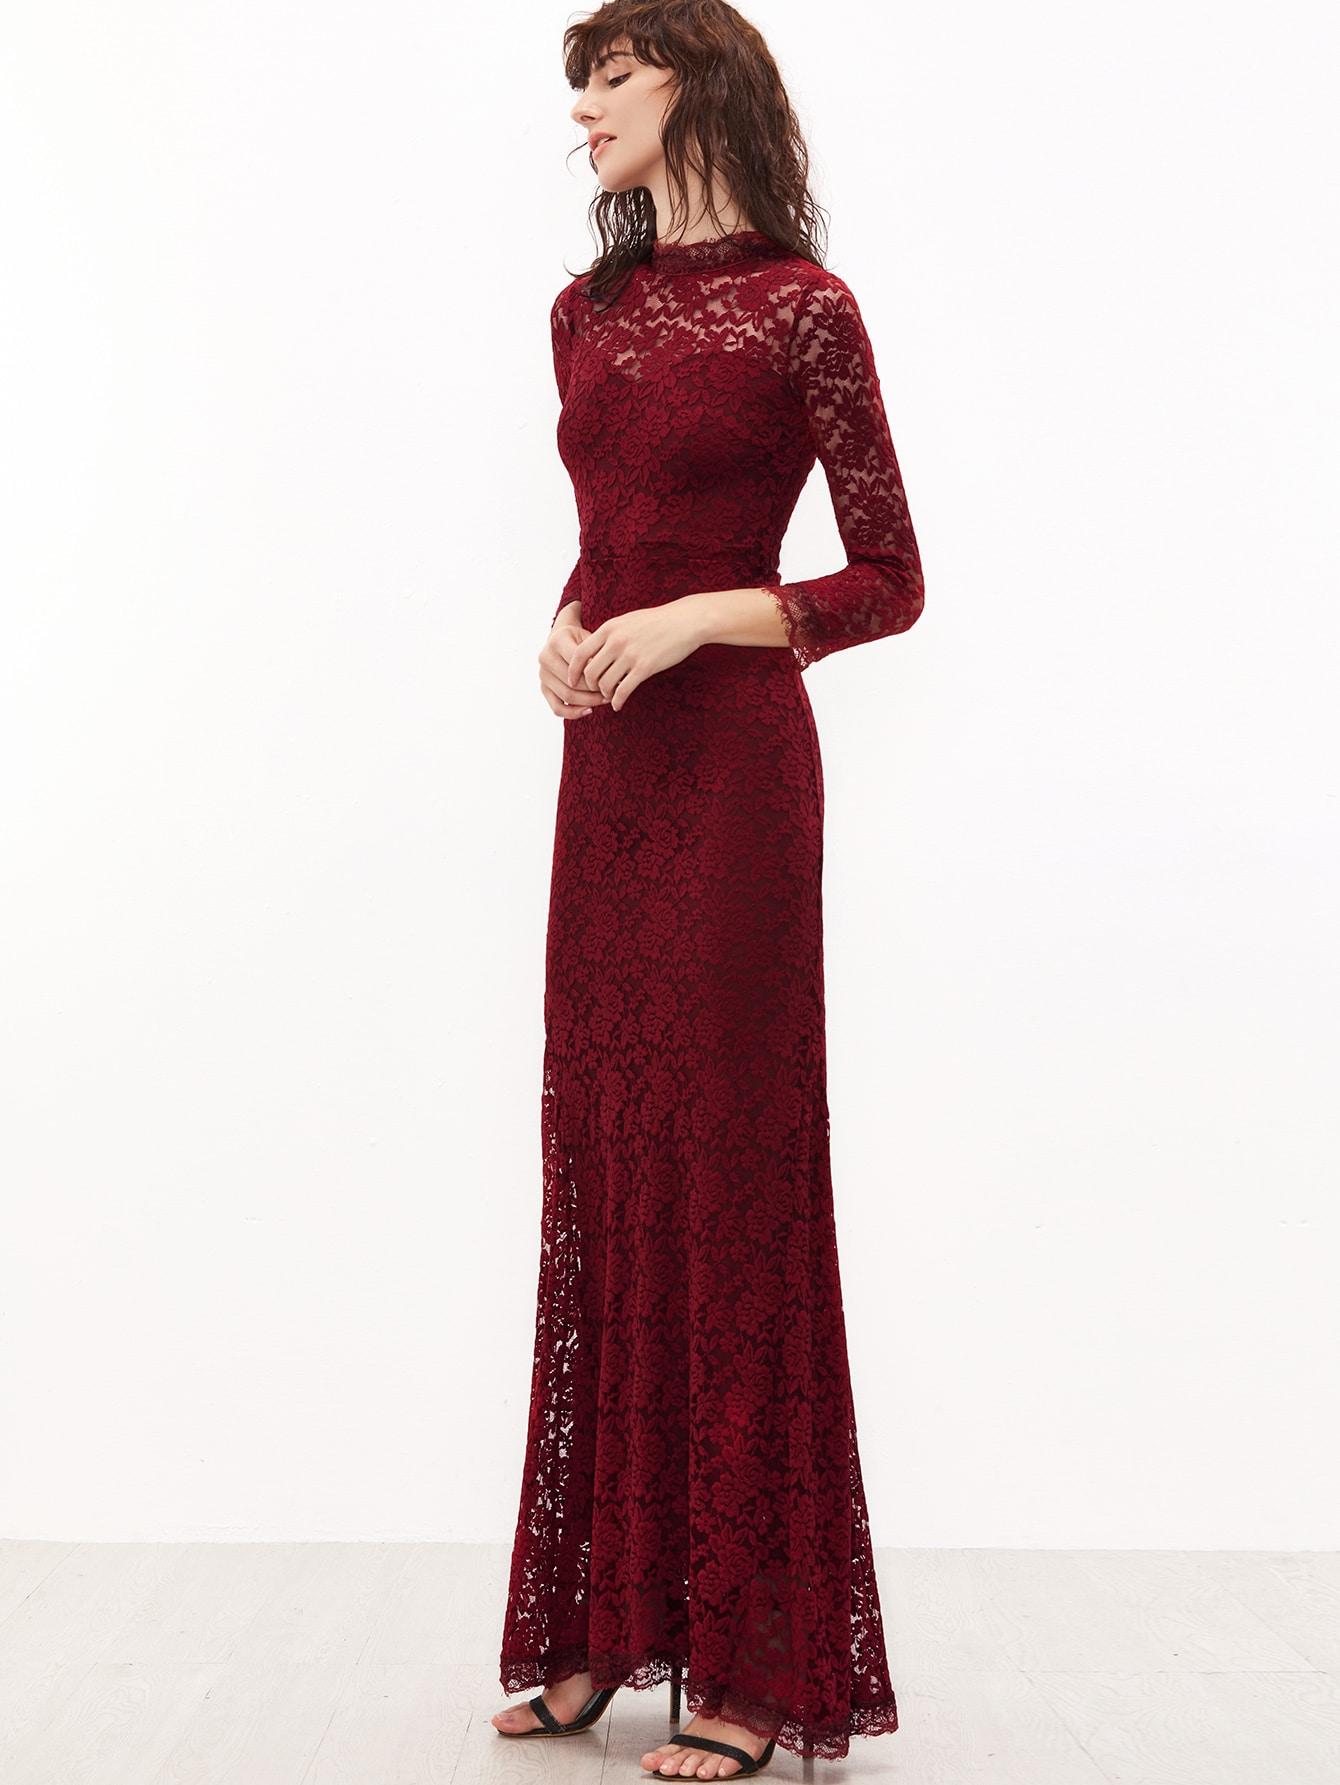 dress161201728_2